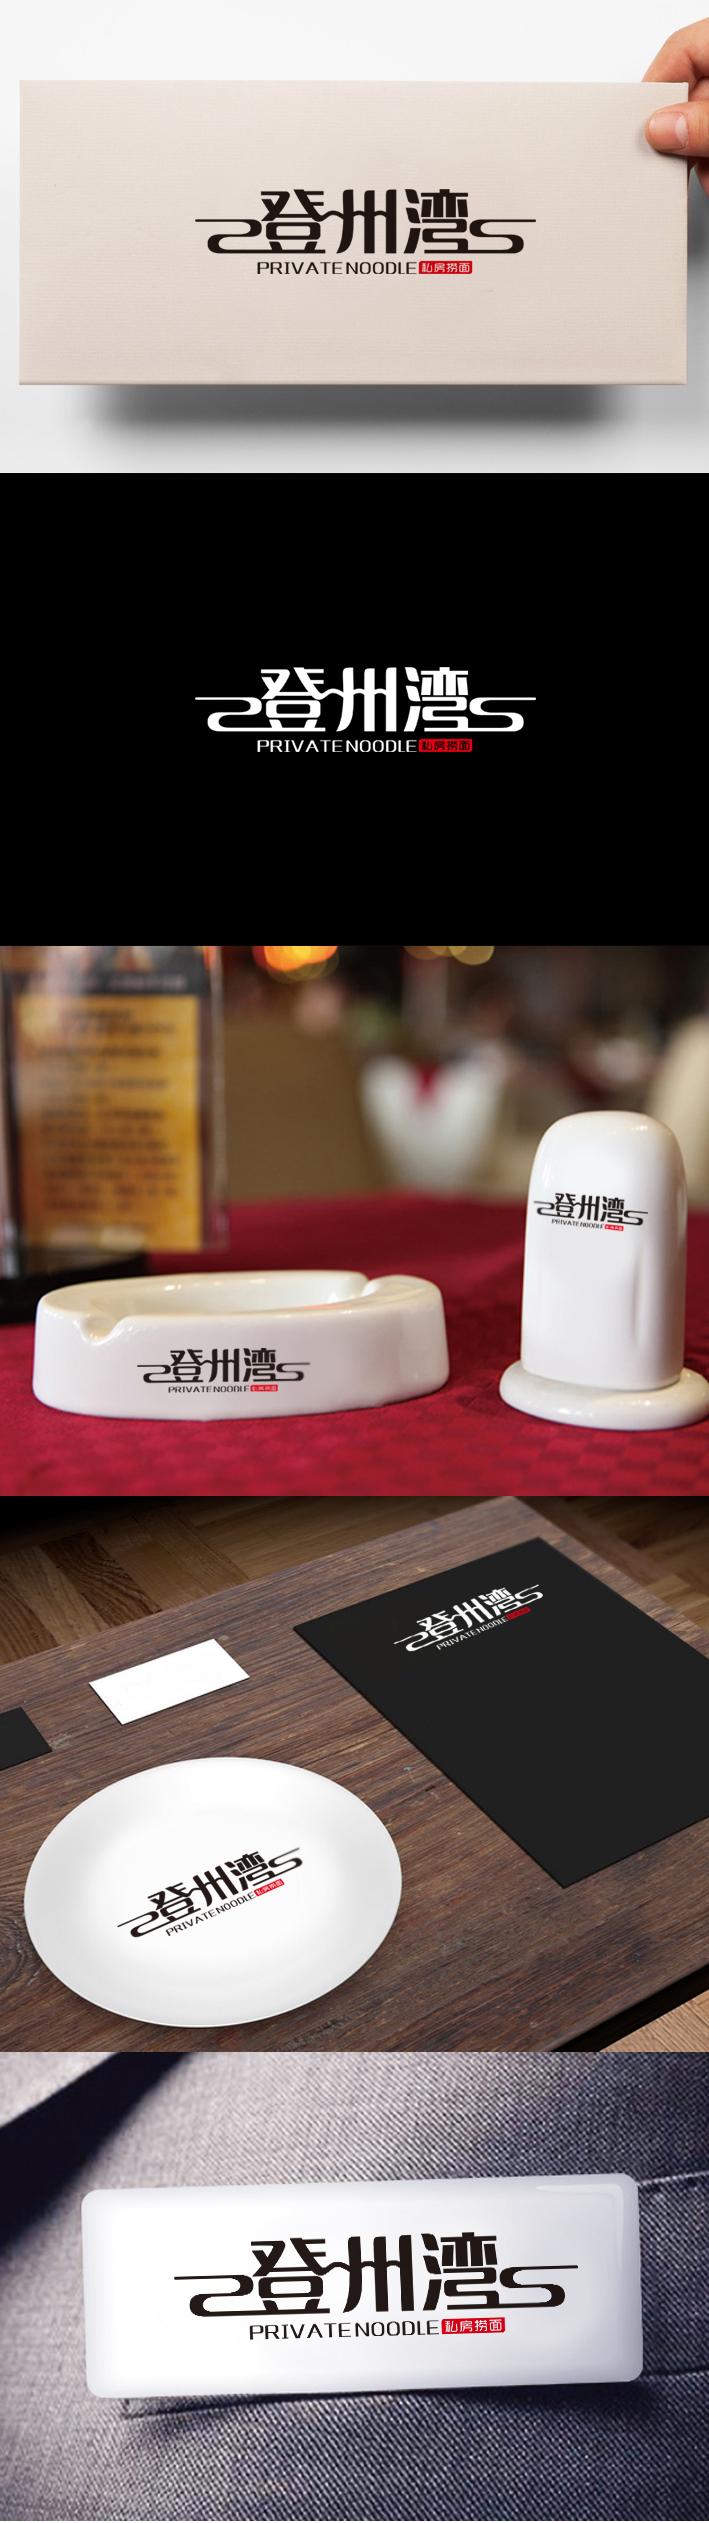 餐厅LOGO设计_3023815_k68威客网